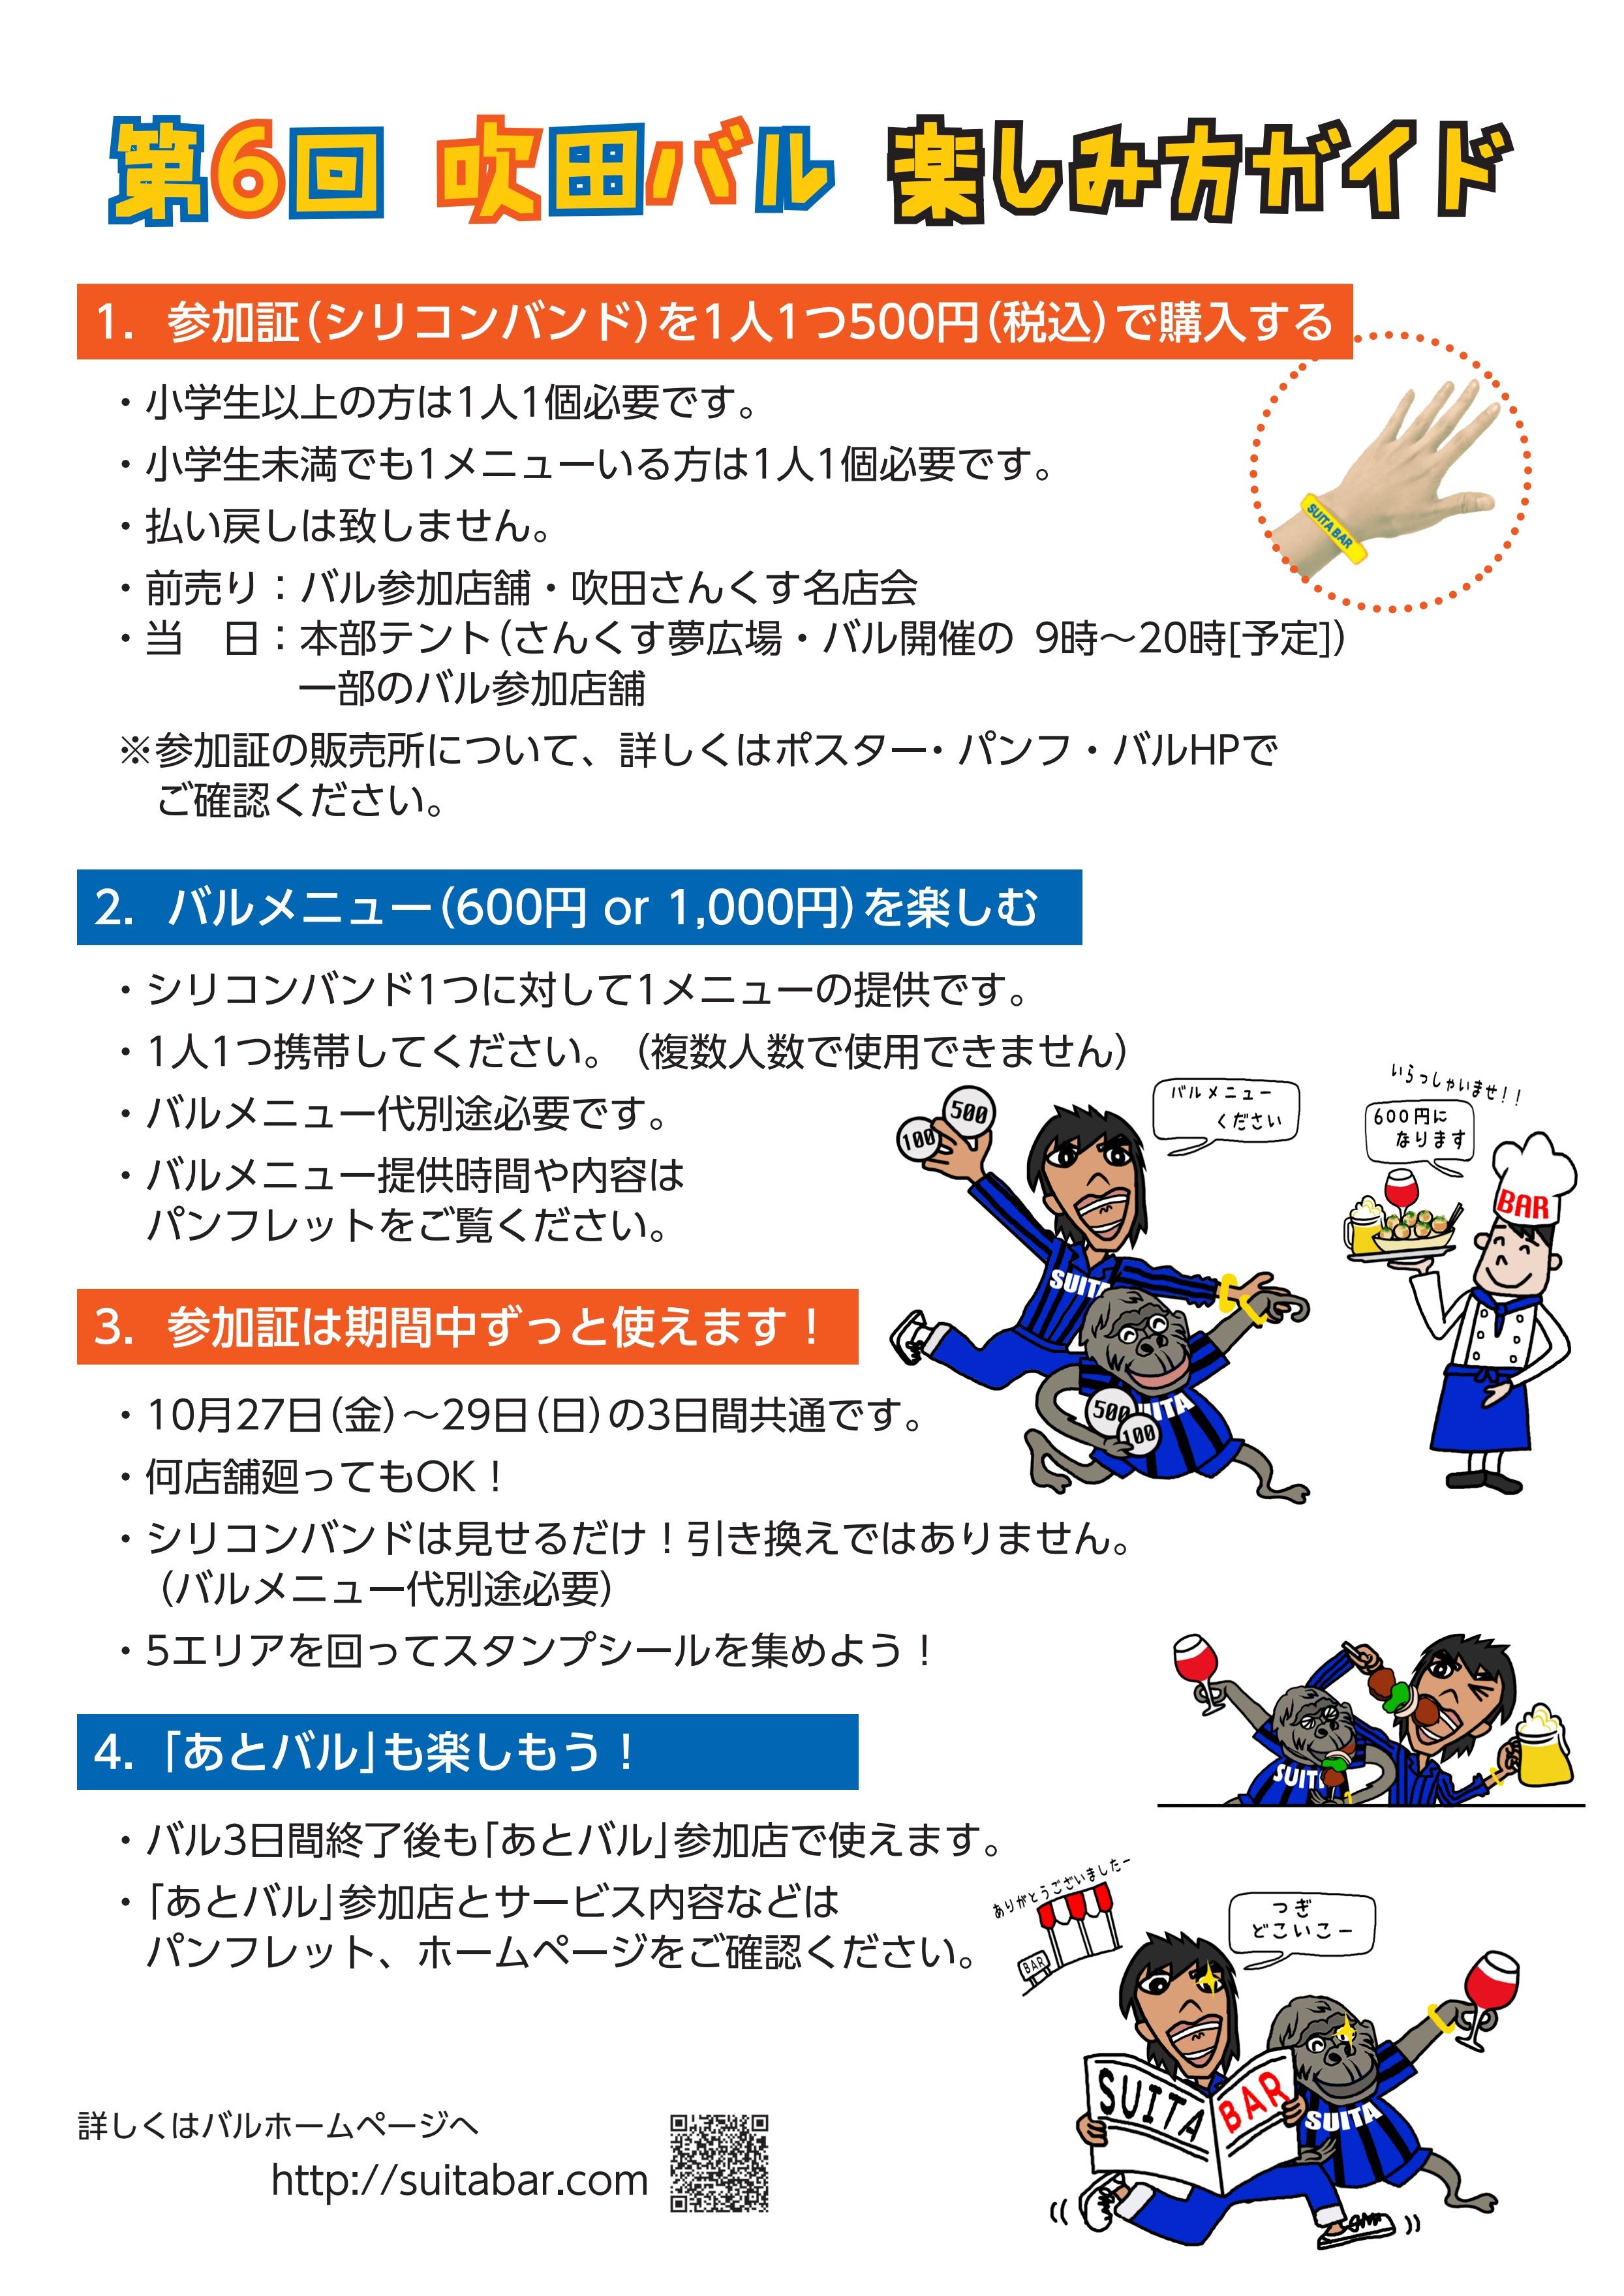 第6回吹田バル 楽しみ方ガイド